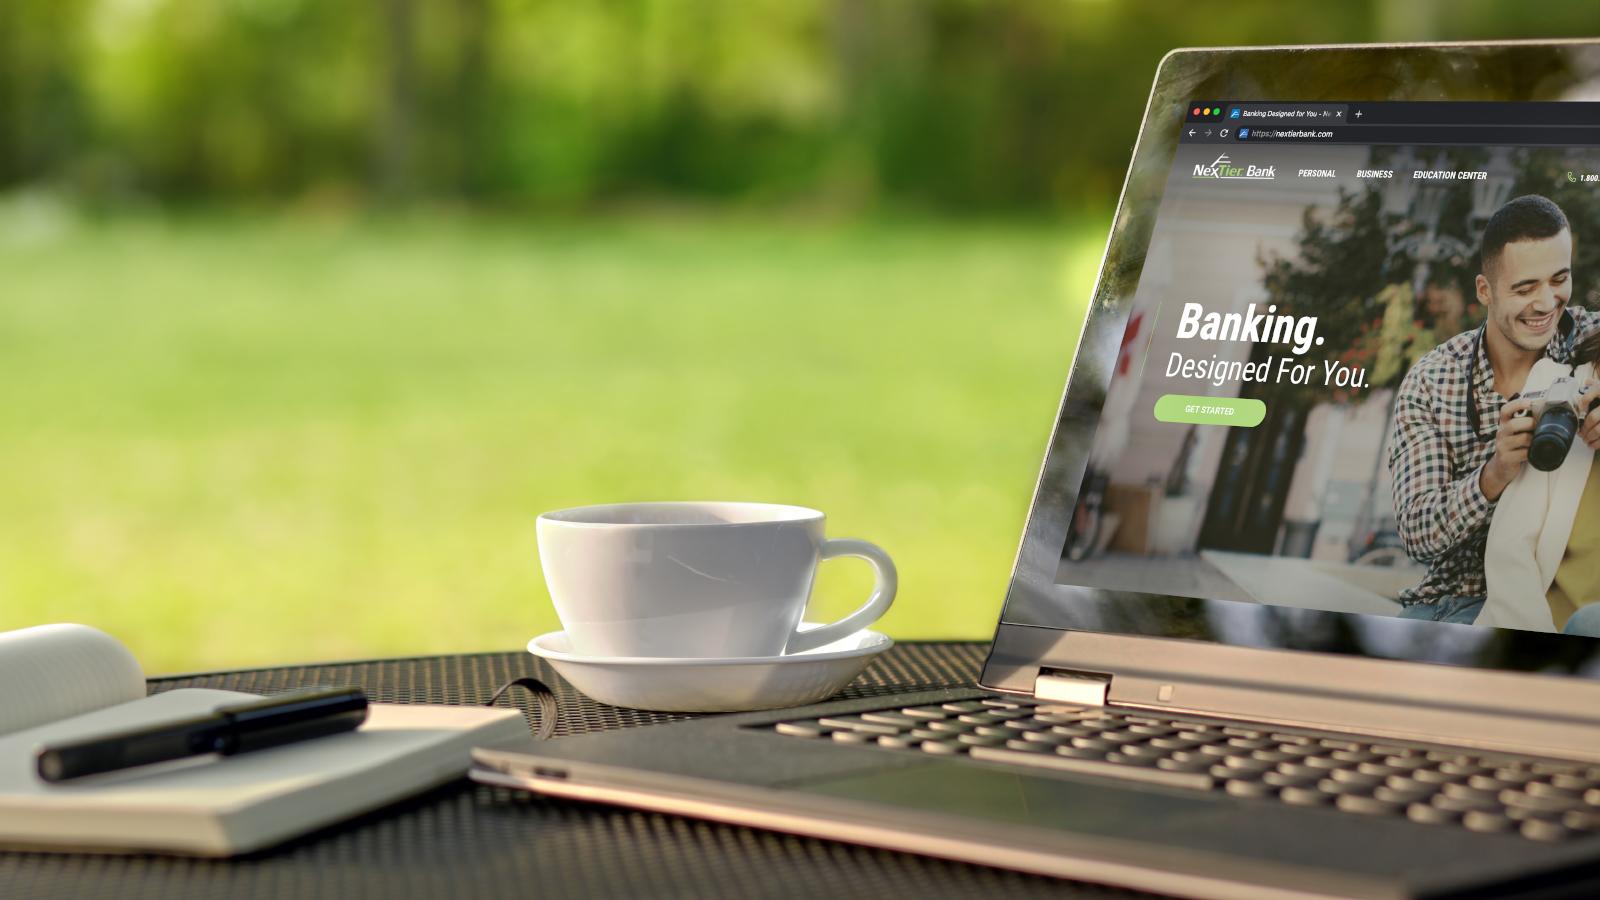 www.nextierbank.com is open on laptop screen